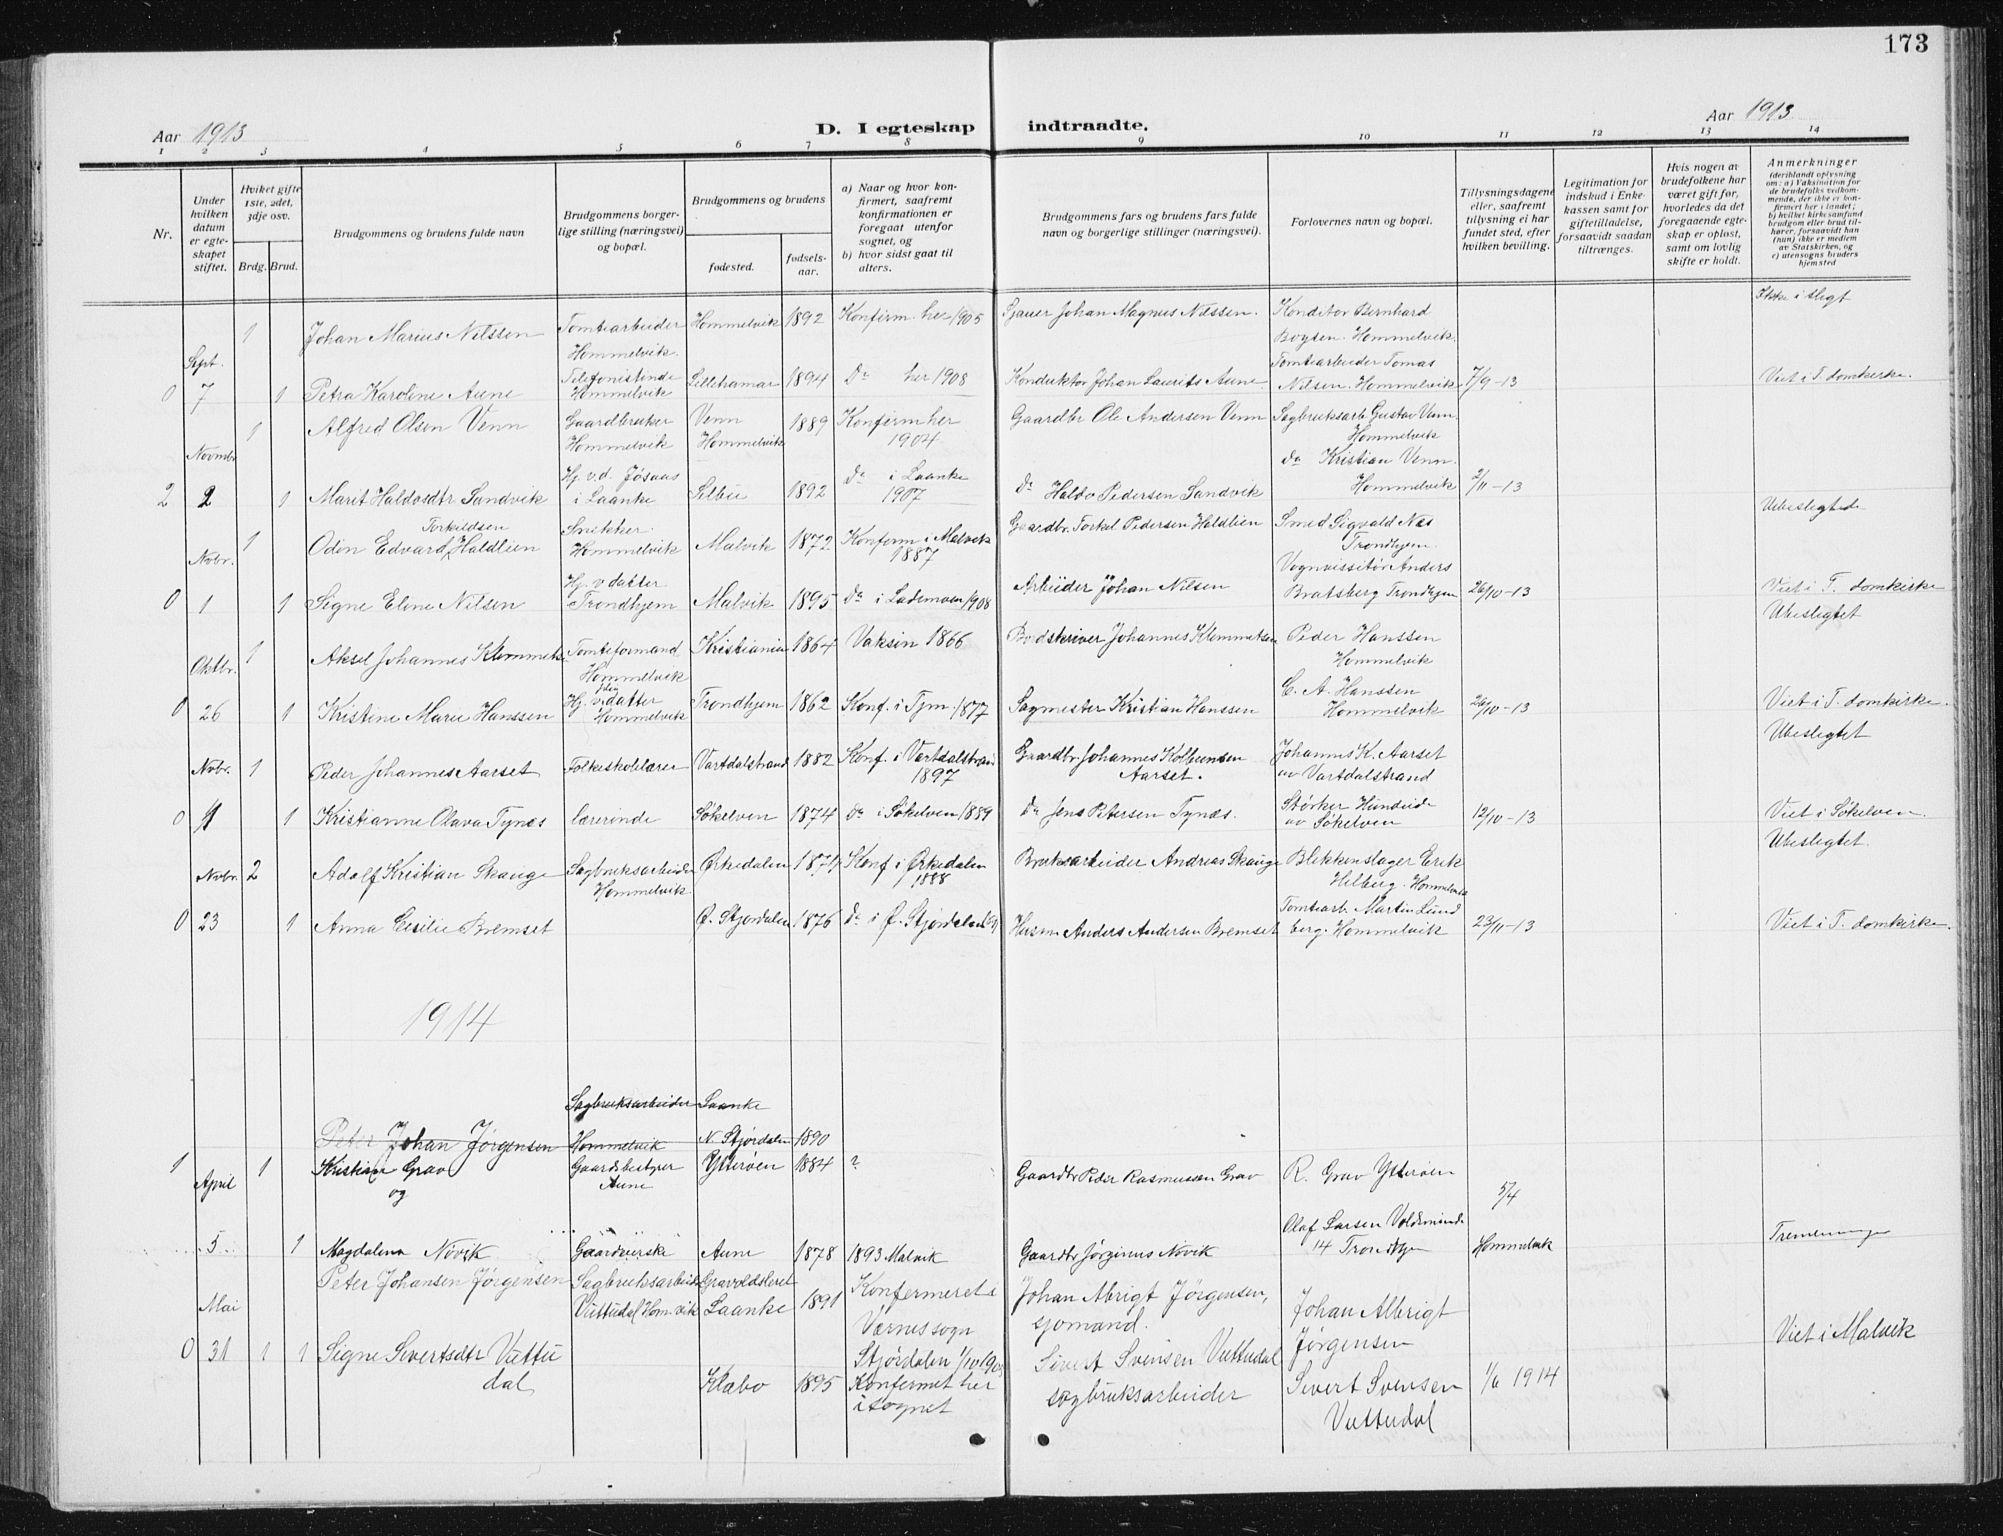 SAT, Ministerialprotokoller, klokkerbøker og fødselsregistre - Sør-Trøndelag, 617/L0431: Klokkerbok nr. 617C02, 1910-1936, s. 173